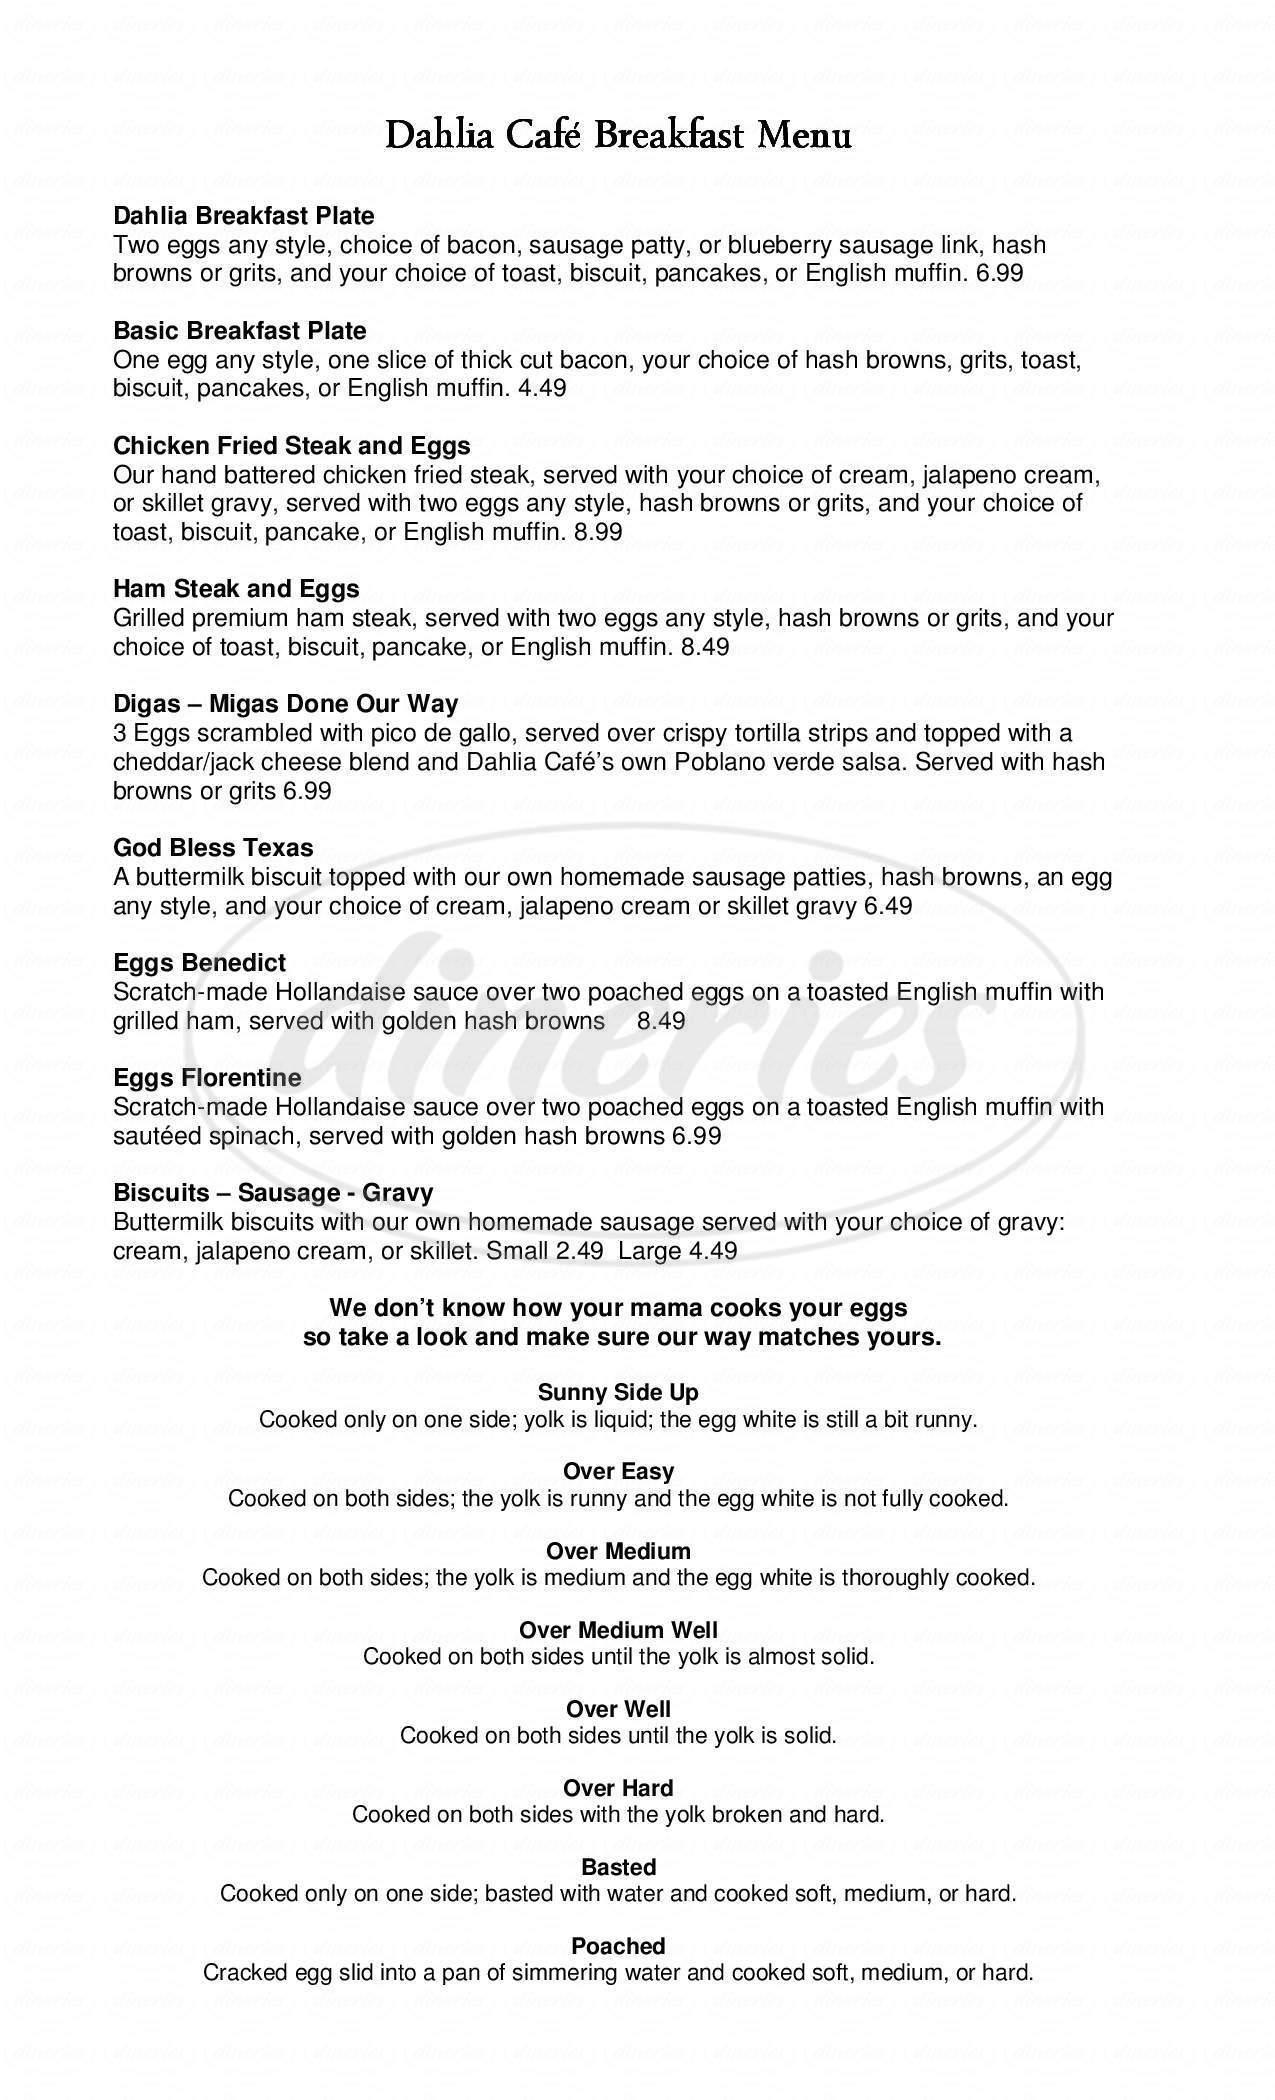 menu for Dahlia Cafe